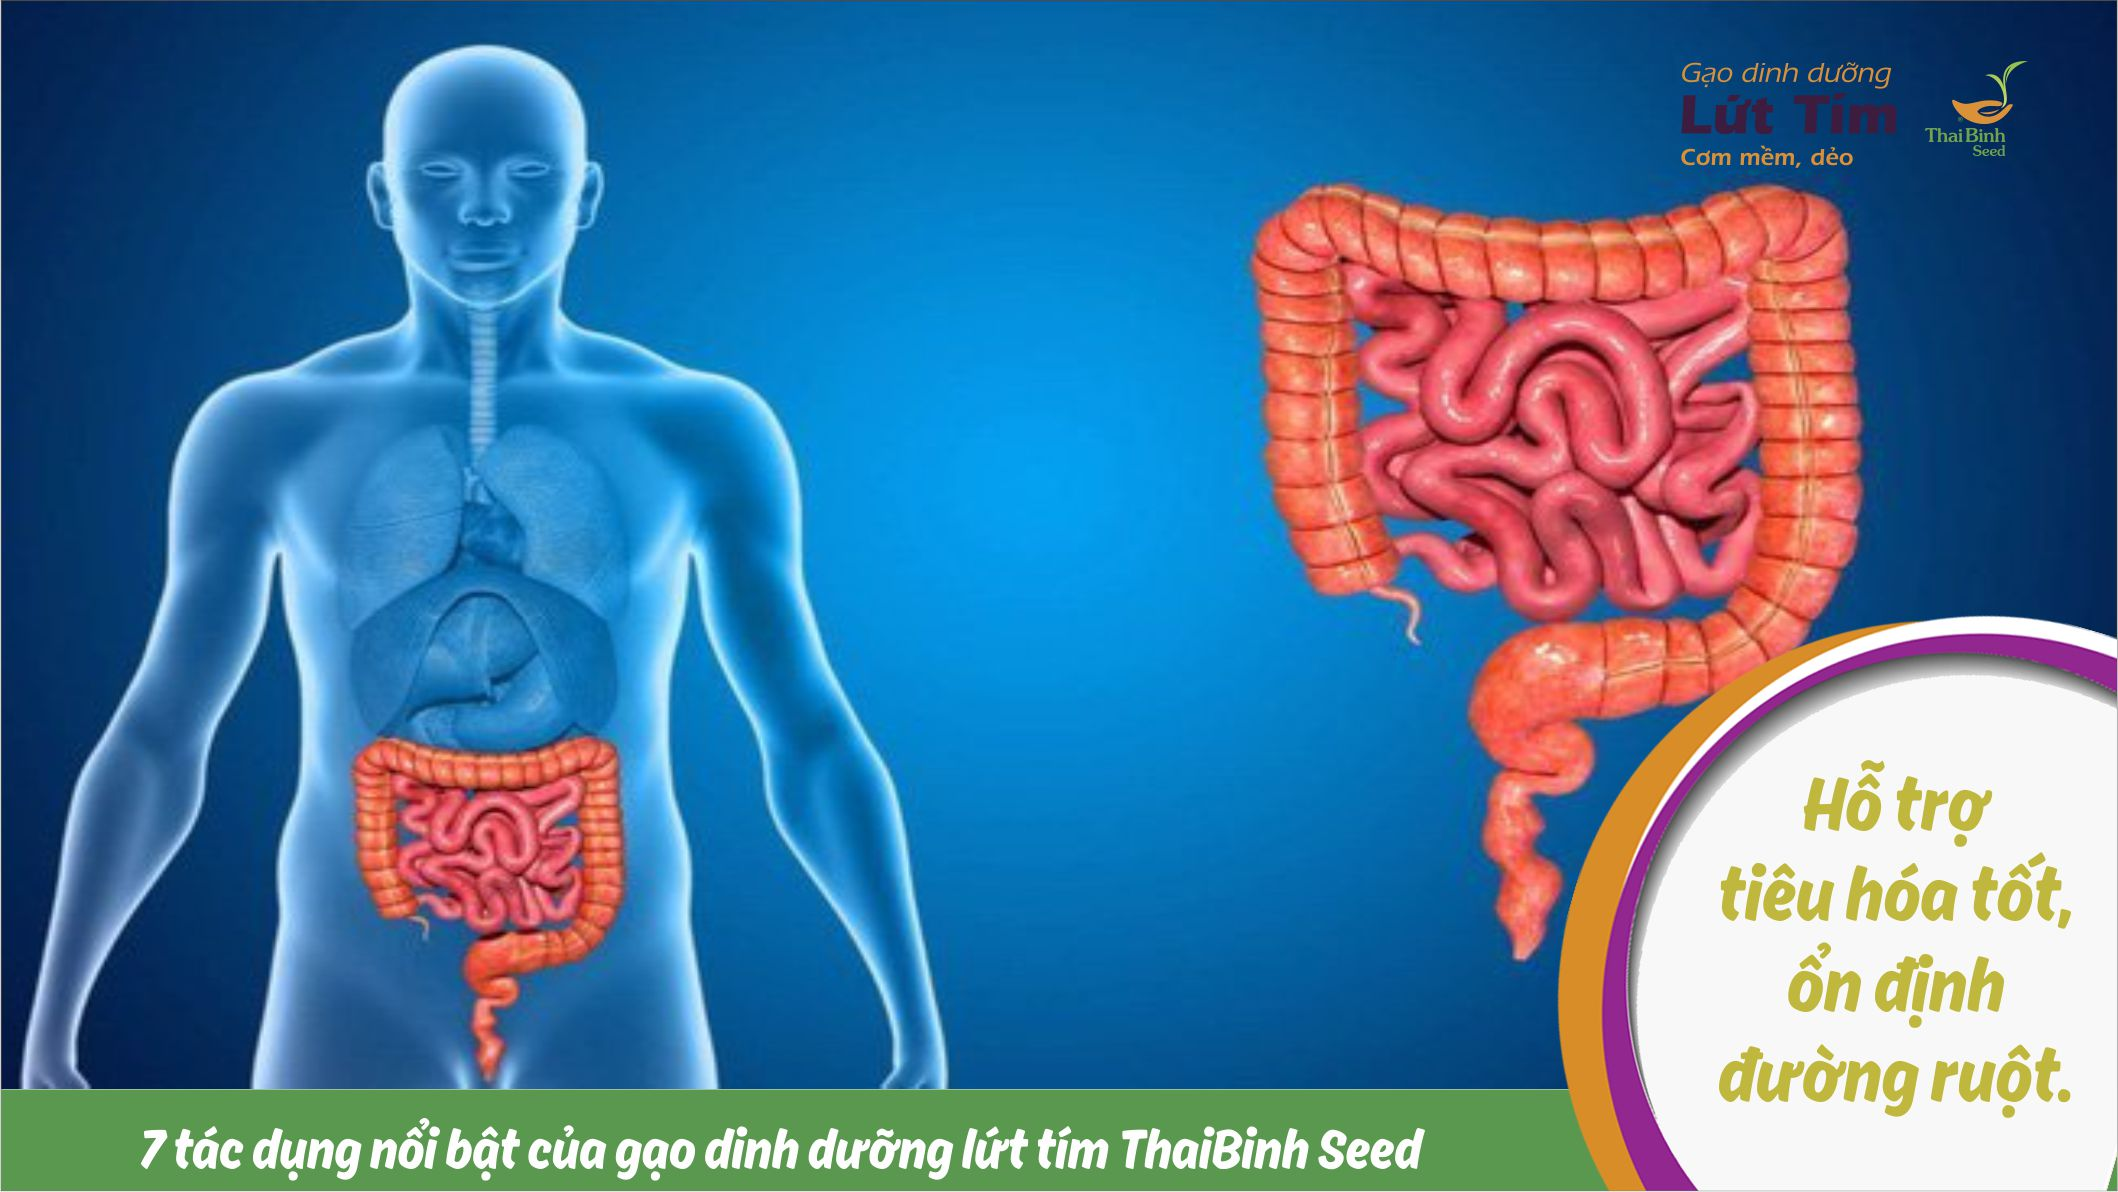 7 tác dụng nổi bật của gạo lứt tím ThaiBinh Seed tin-tuc